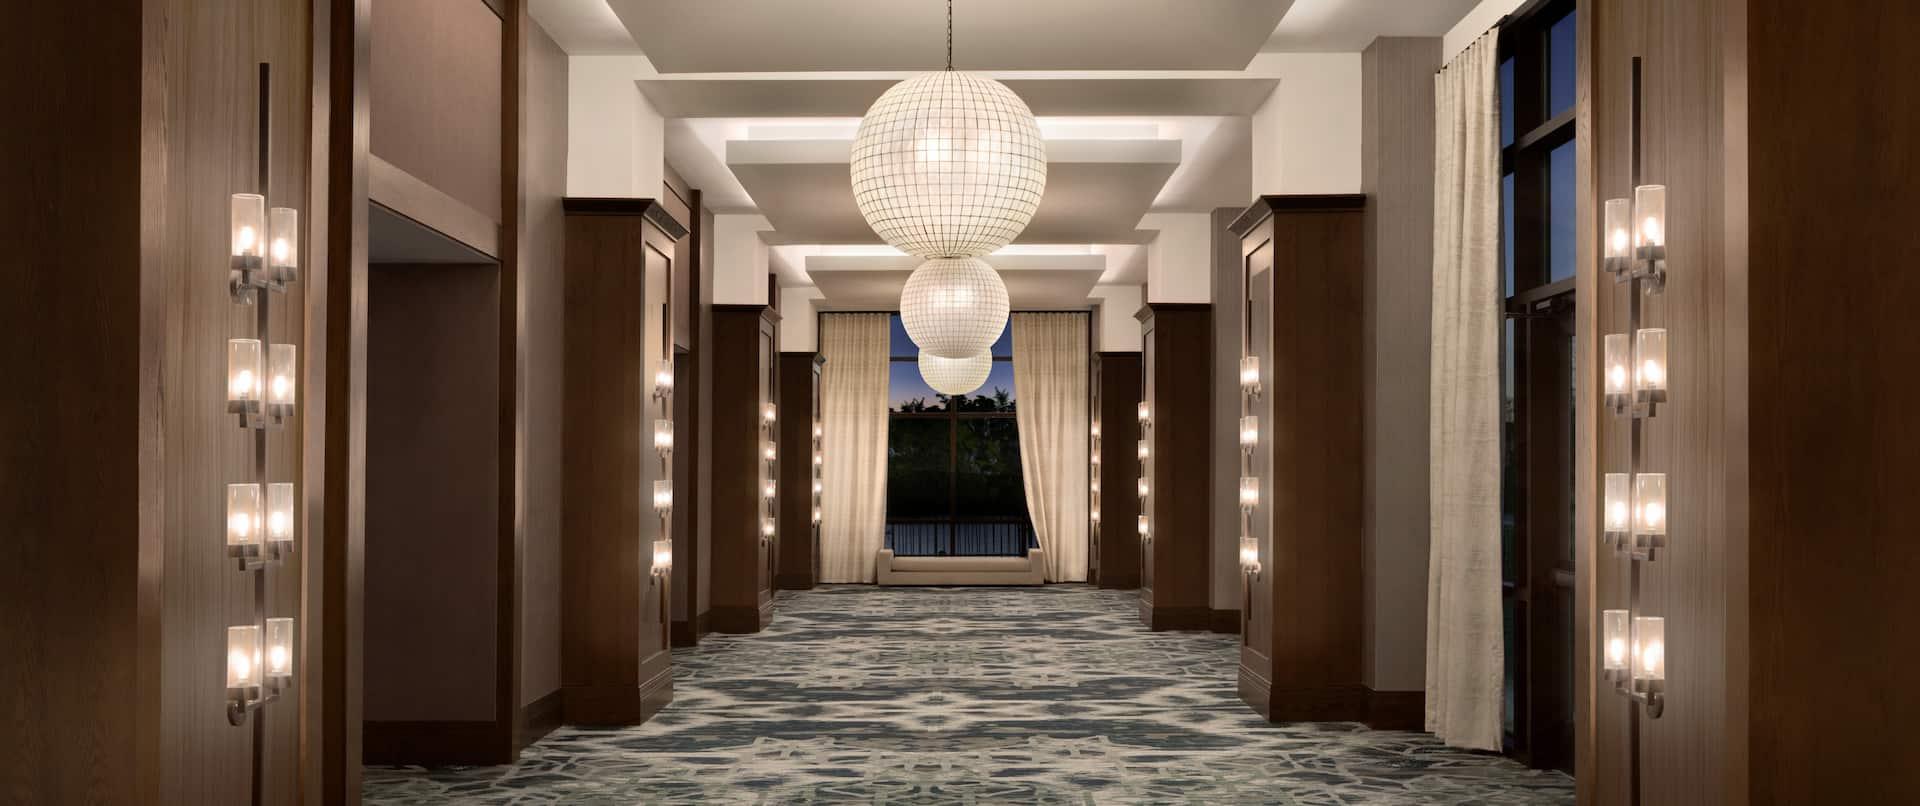 Pre-Function Meeting Space Corridor